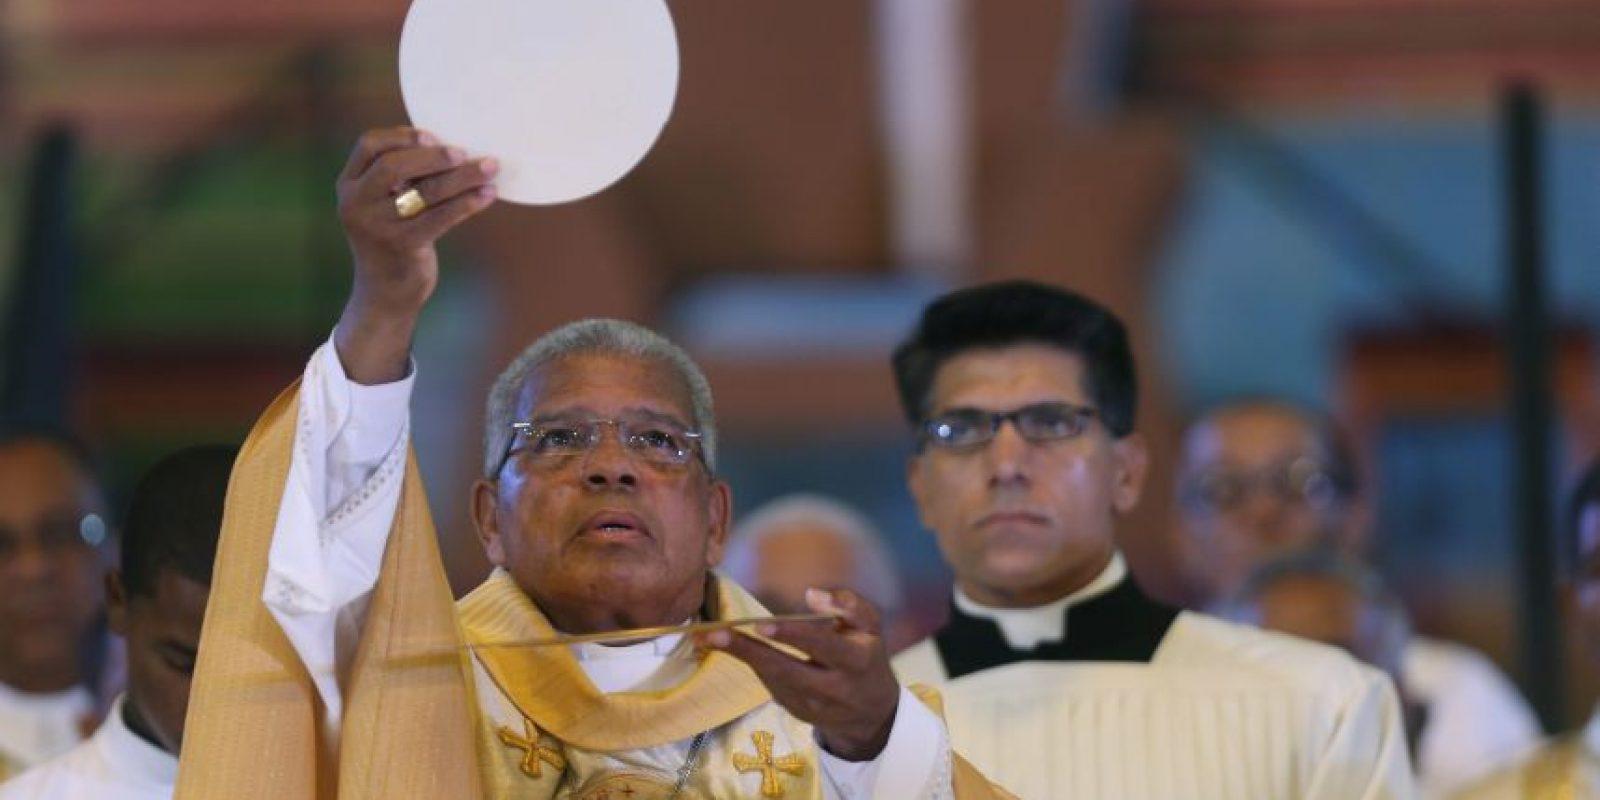 El nuevo arzobispo de Santo Domingo presidió su primera misa la mañana del sábado en el Palacio de los Deportes. Foto:EFE